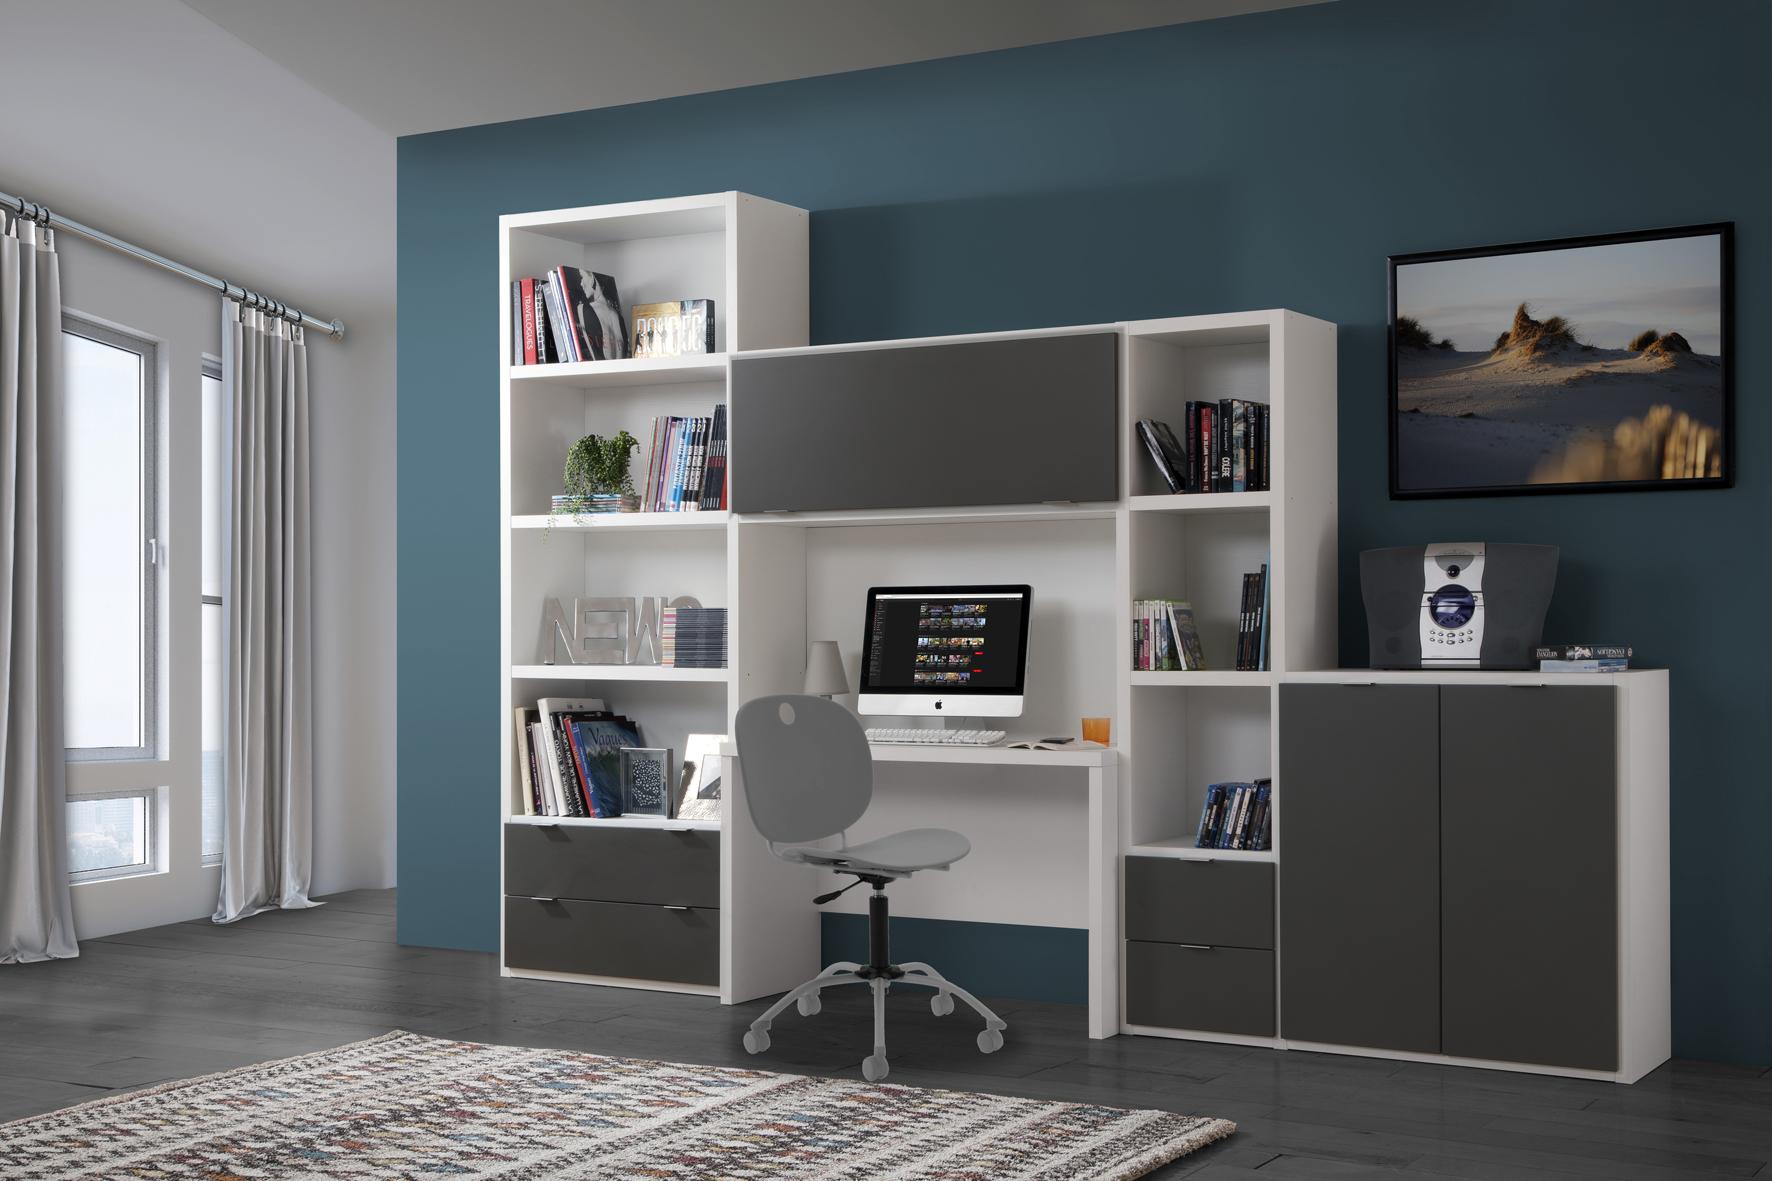 Une pièce, un meuble de rangement !